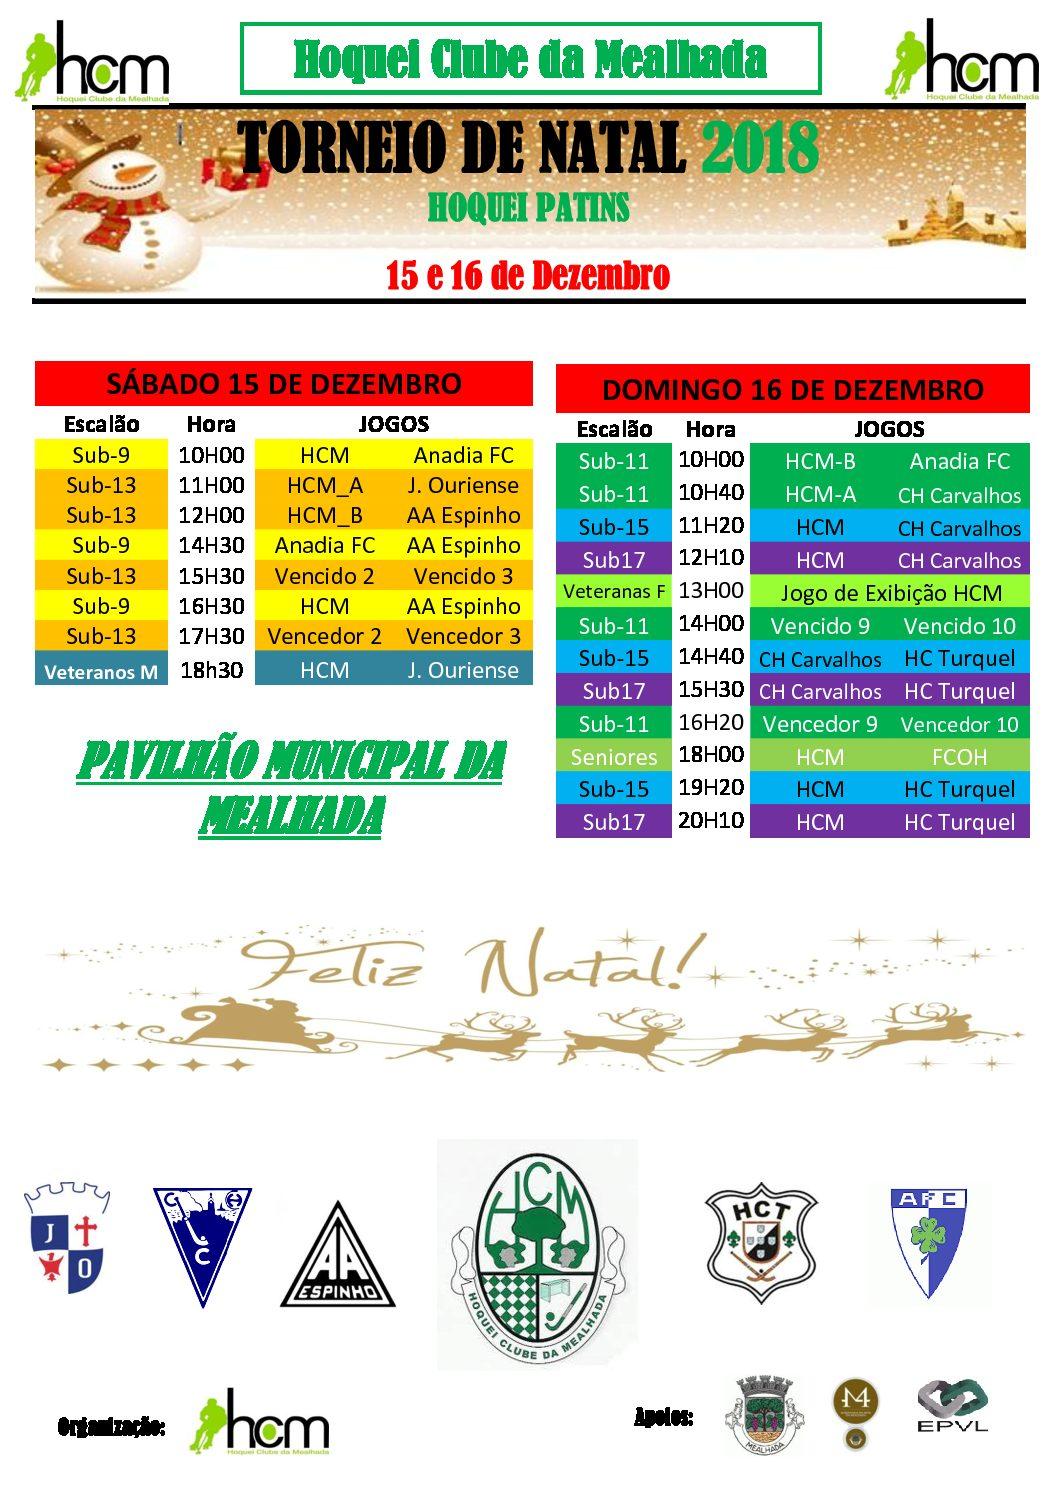 HCM organiza o seu torneio de Natal nos dias 15 e 16 de Dezembro